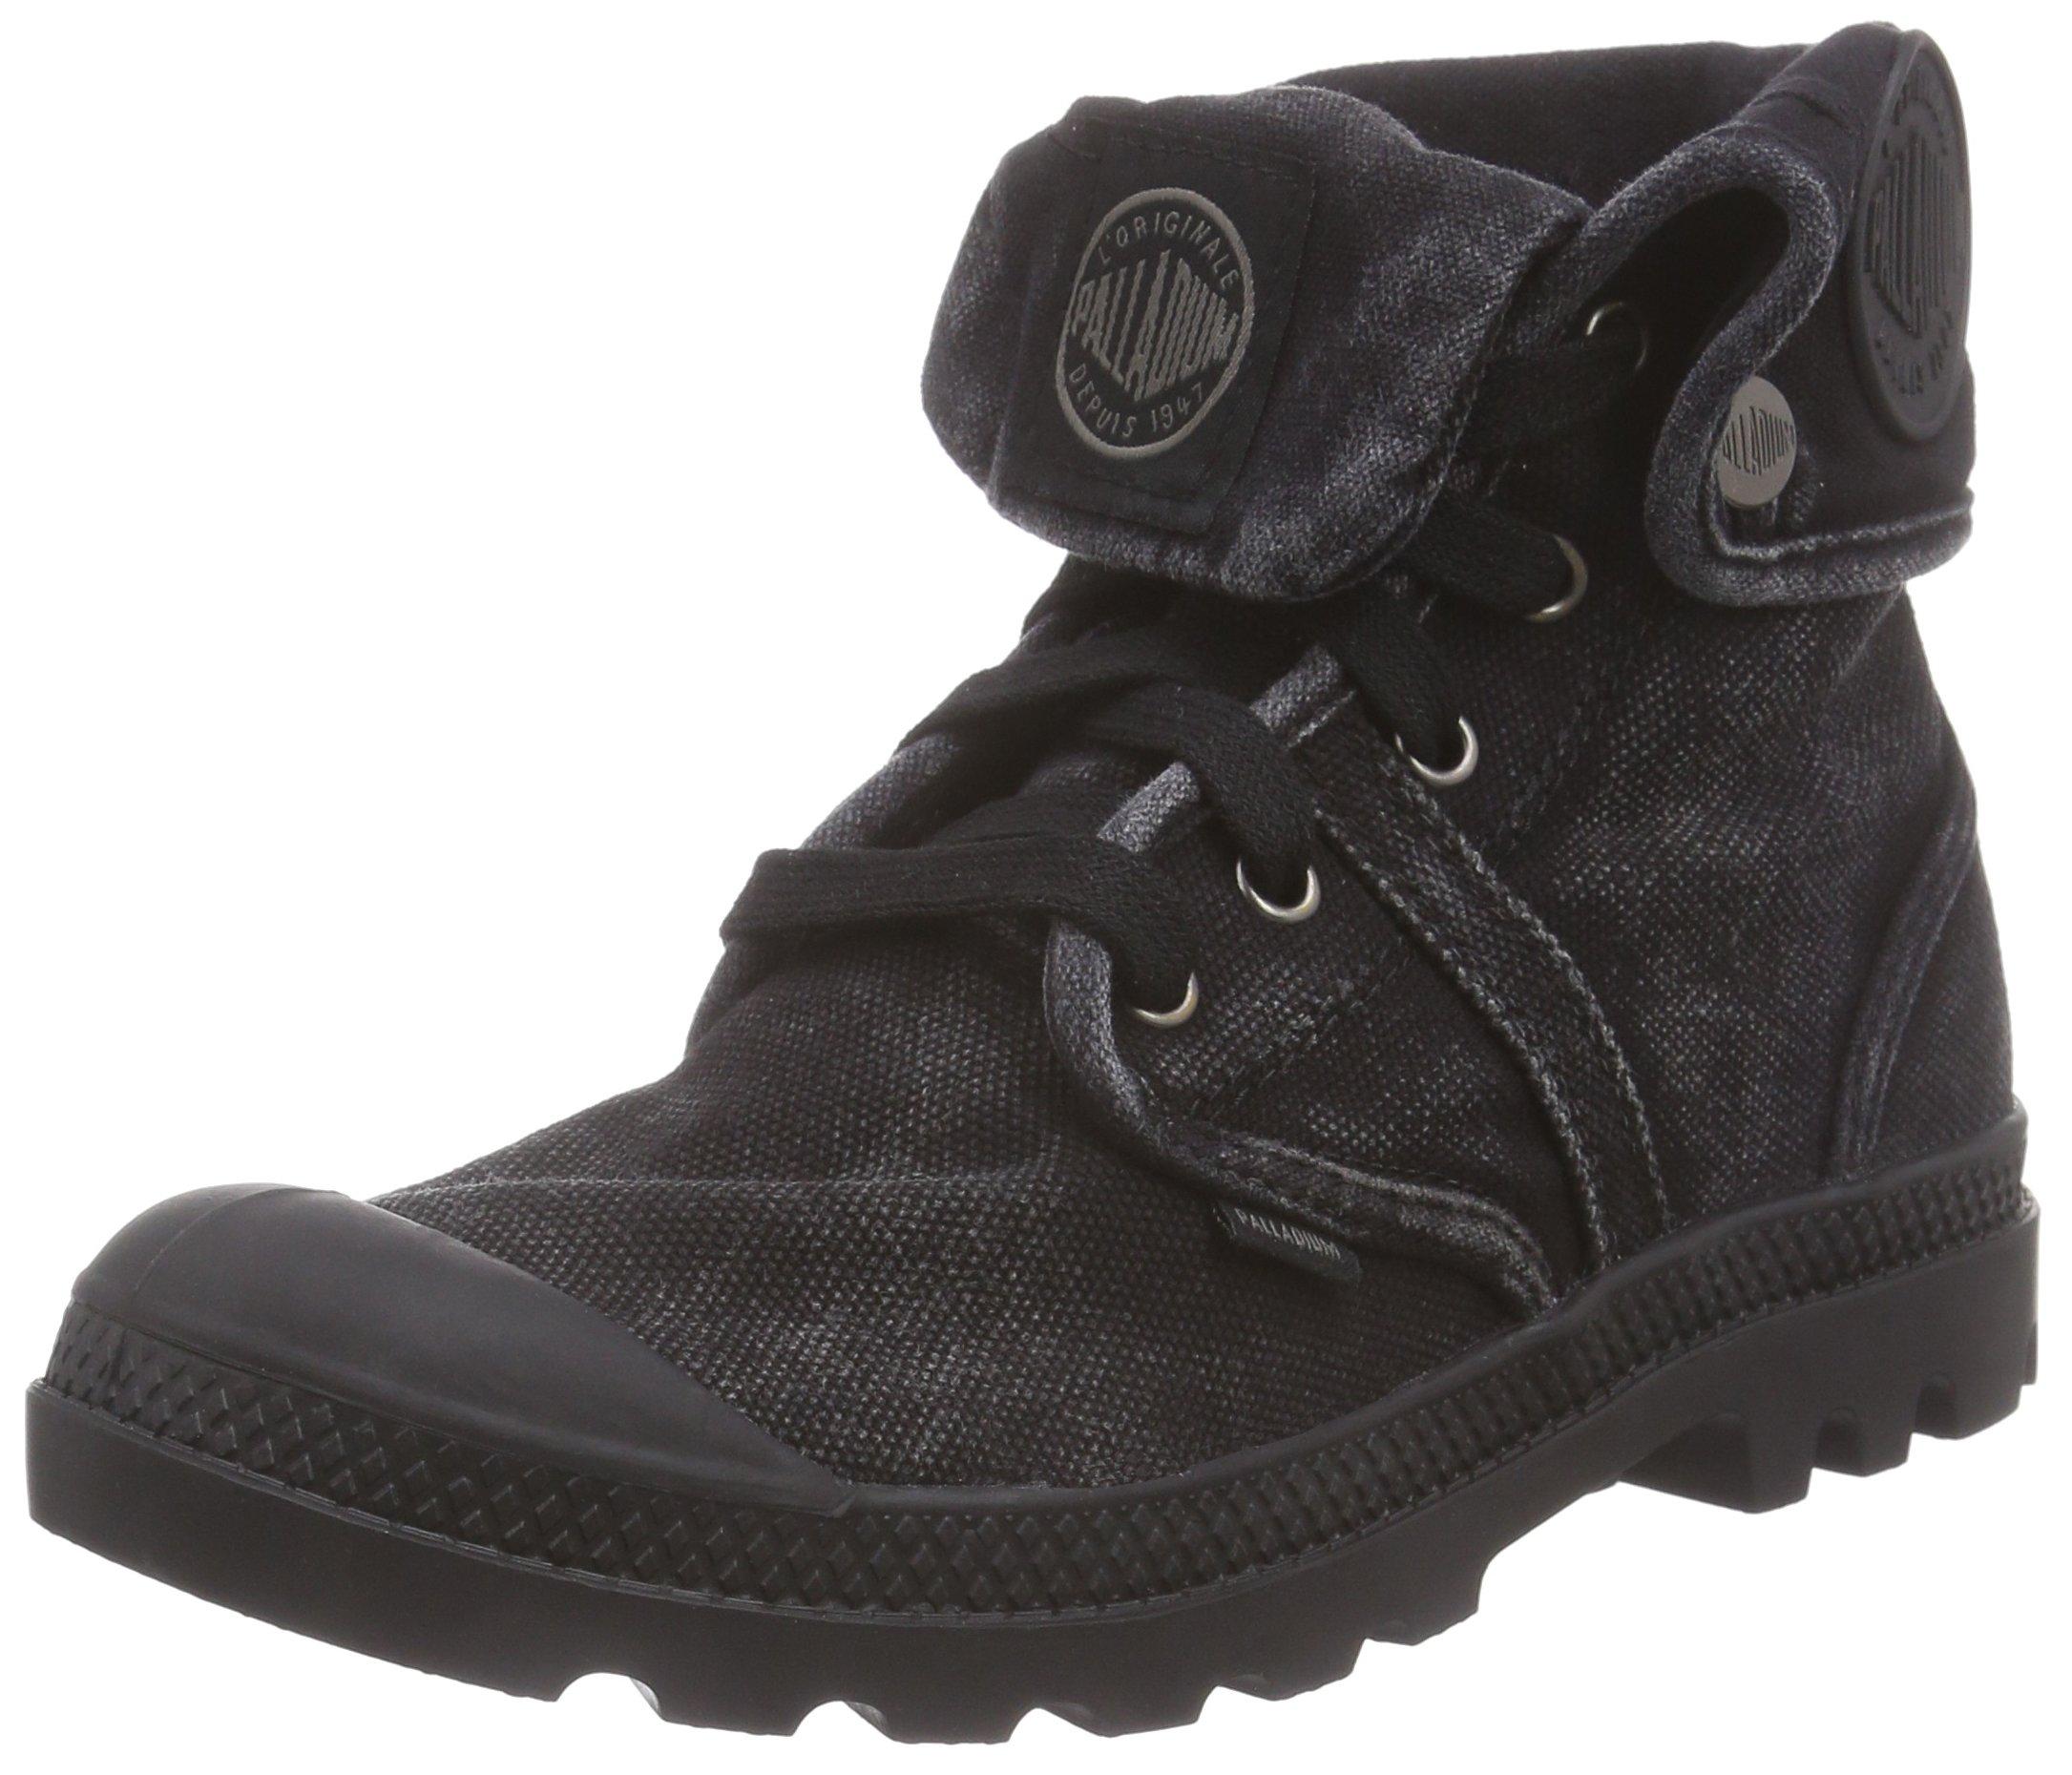 Pallabrouse BaggyDesert Blackblack Boots FemmeNoir Palladium metal42 E9H2DI